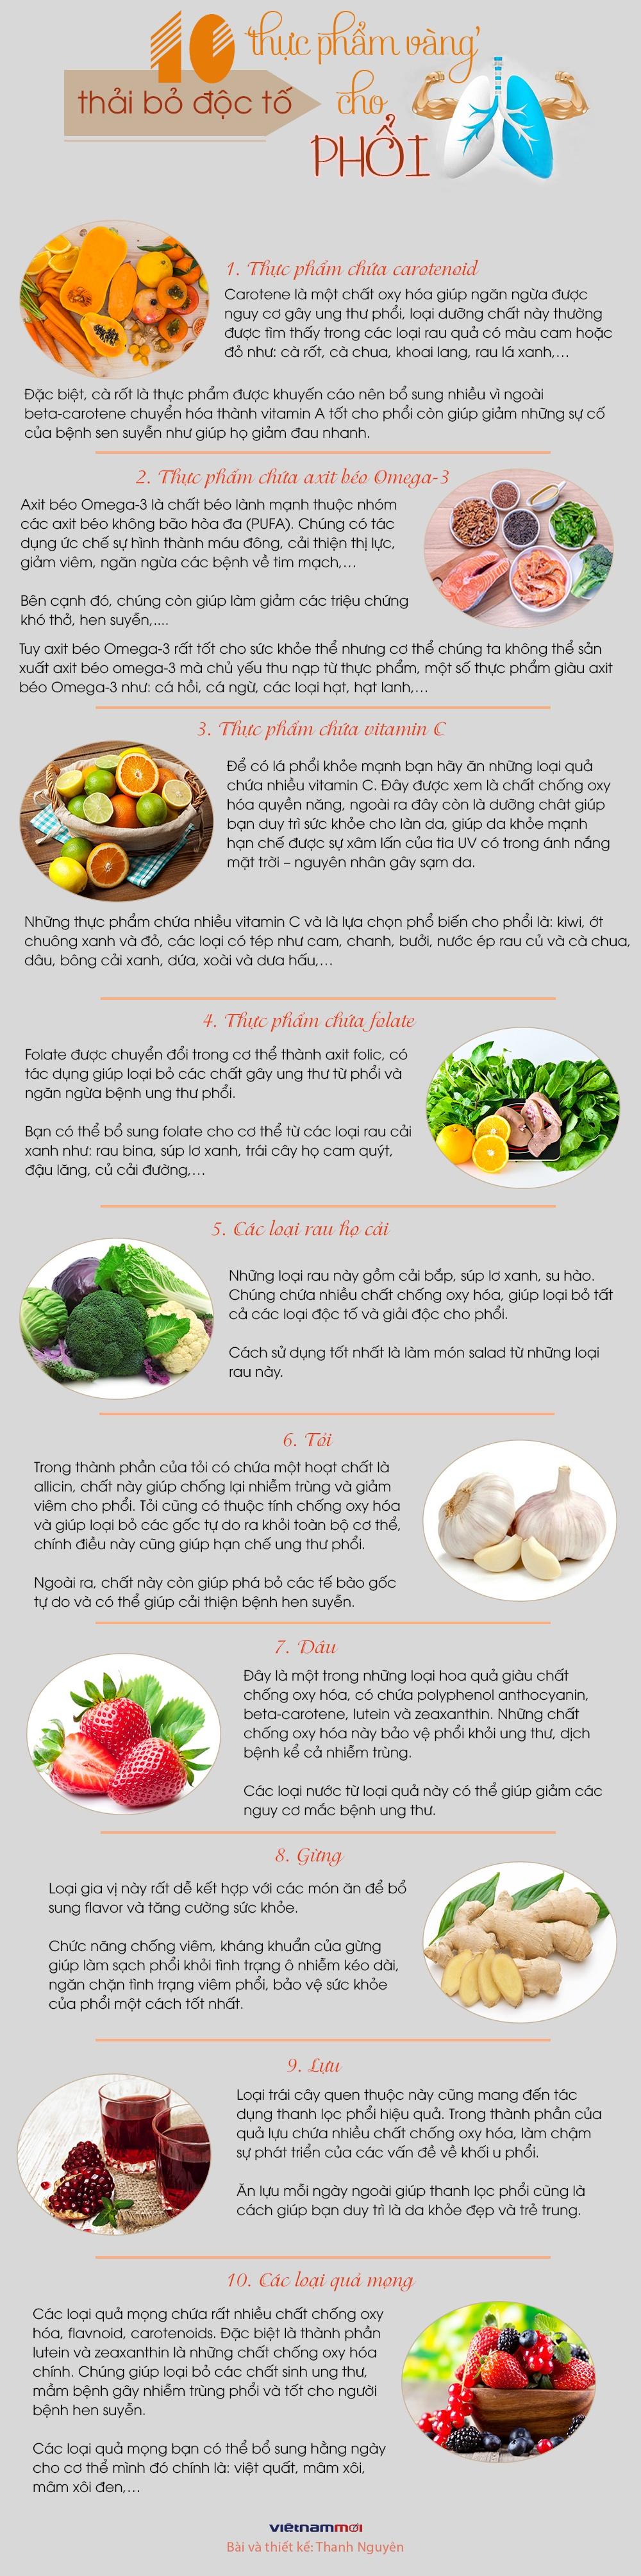 thực phẩm vàng tốt cho phổi